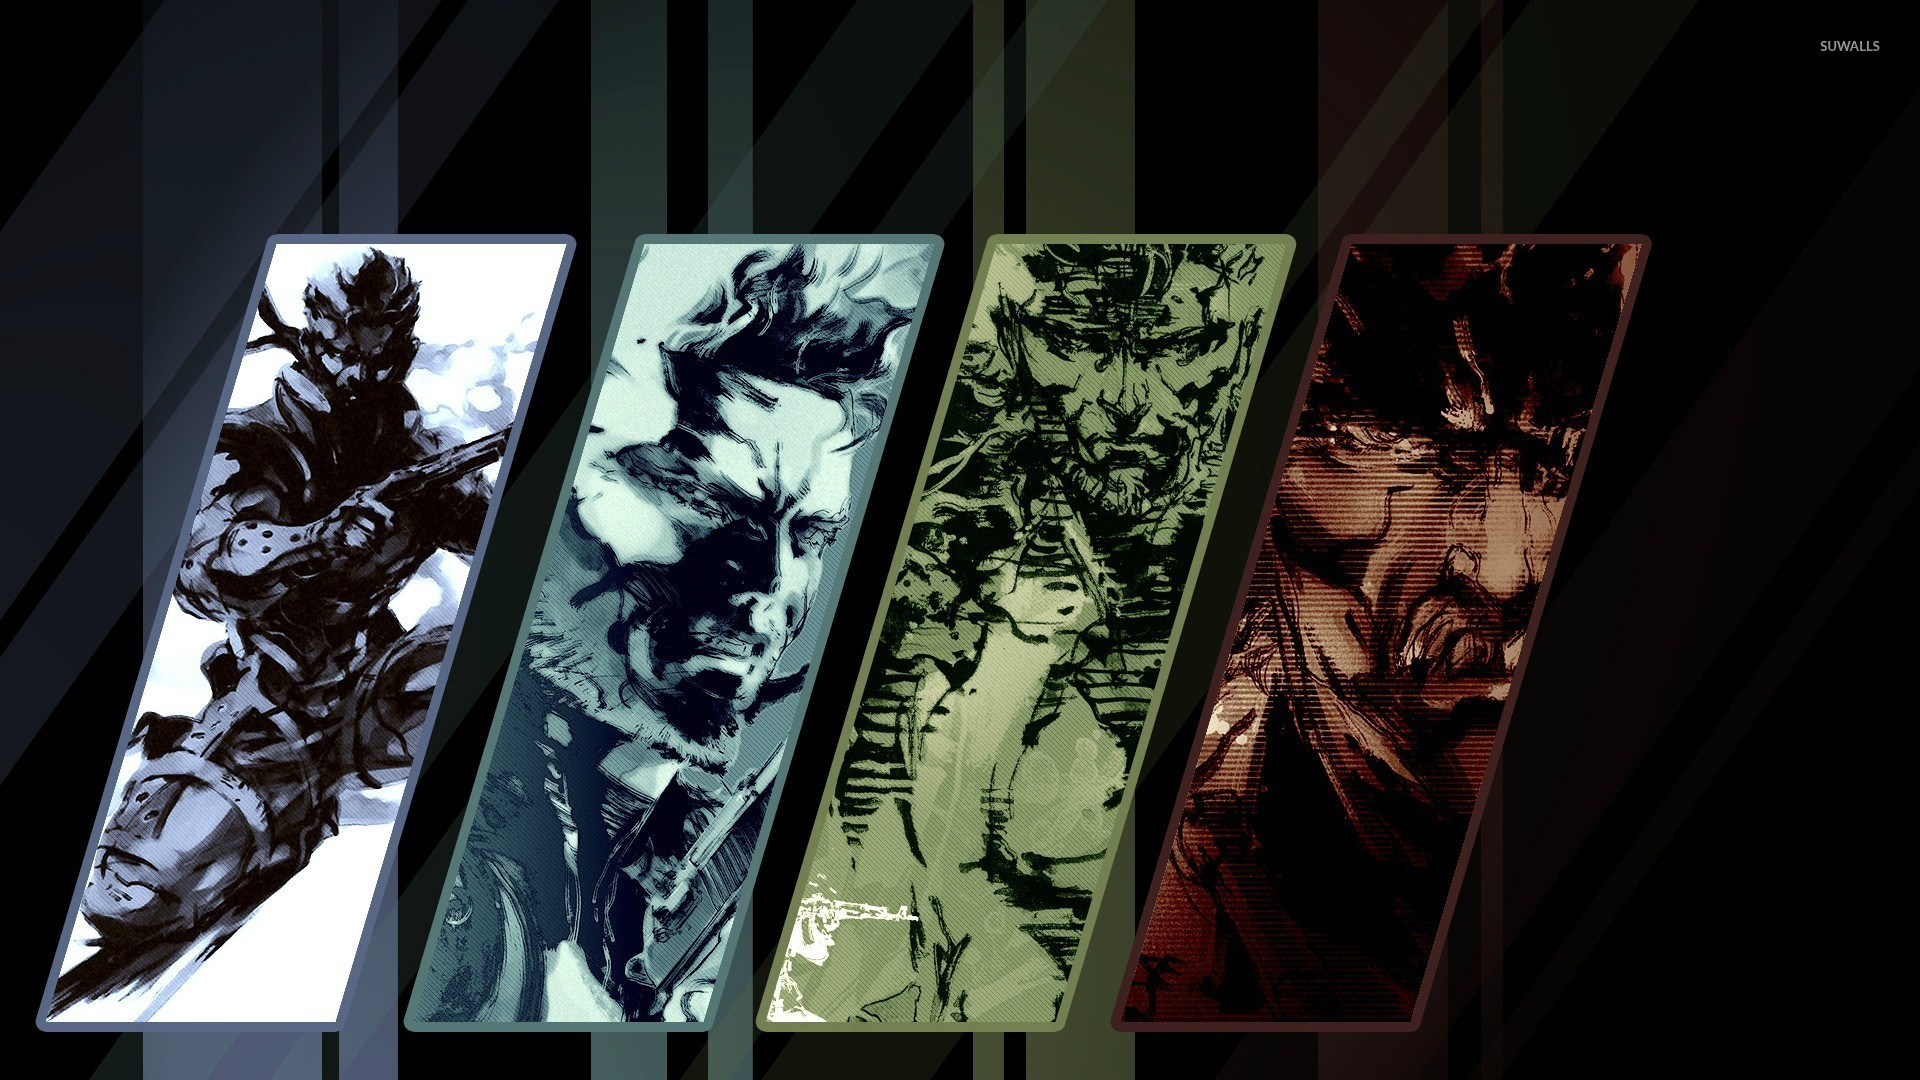 Res: 1920x1080, Metal Gear Solid 4: Guns of the Patriots wallpaper